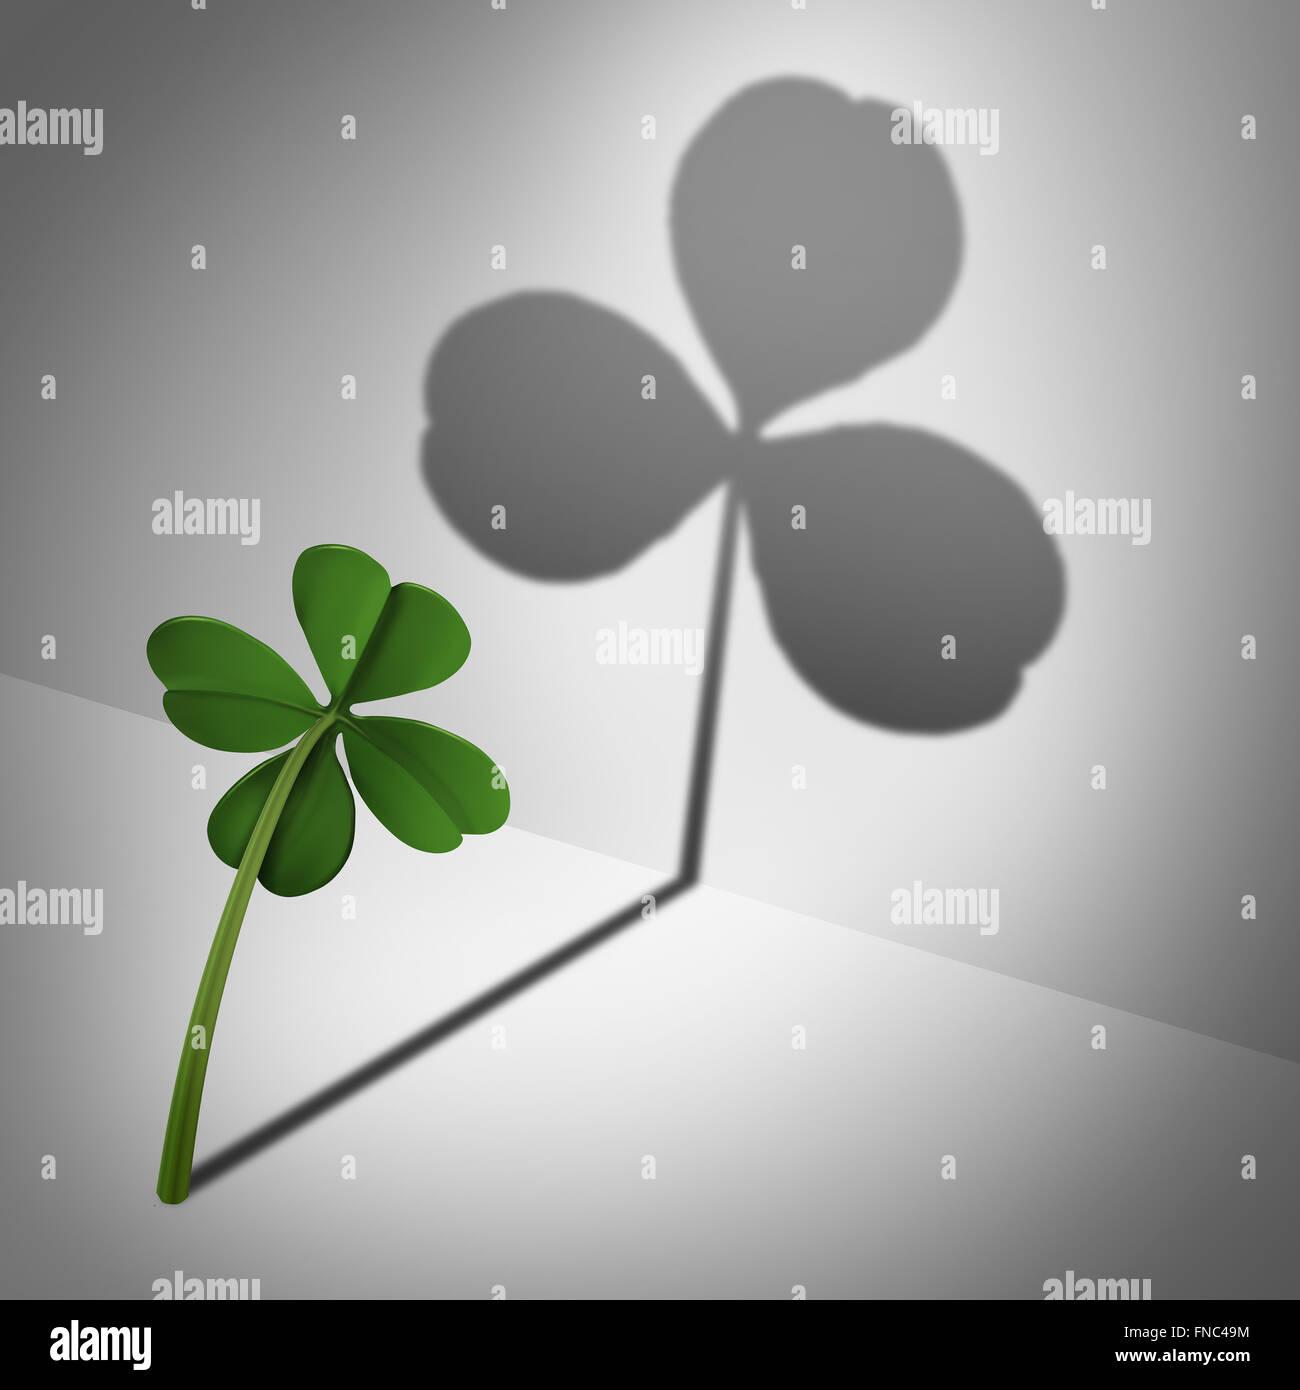 Bassa autostima concetto psicologico come un quattro leaf clover getta un' ombra con solo tre foglie come una Immagini Stock